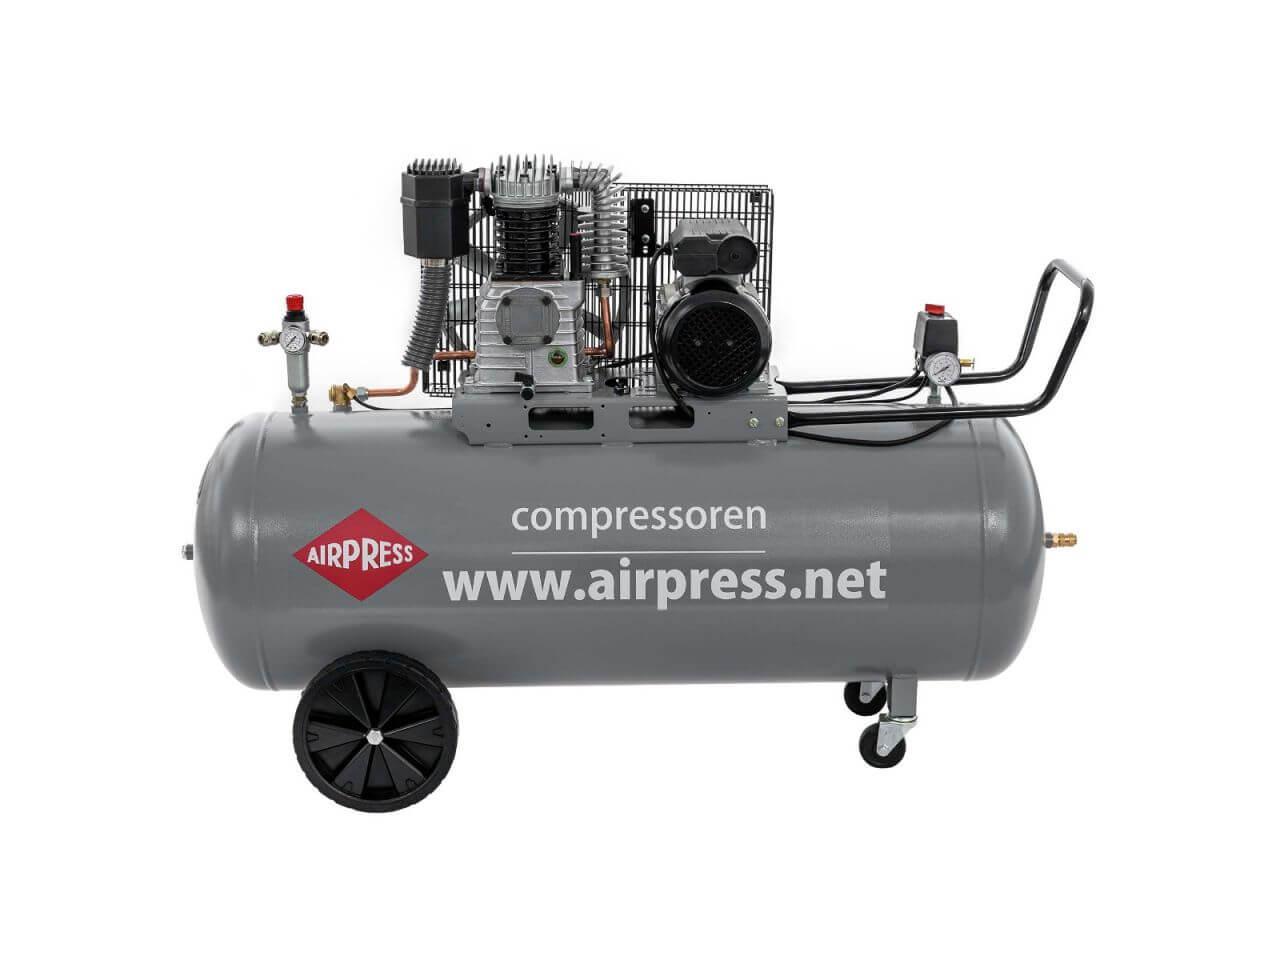 HL 425-200 met 200 liter drukvat